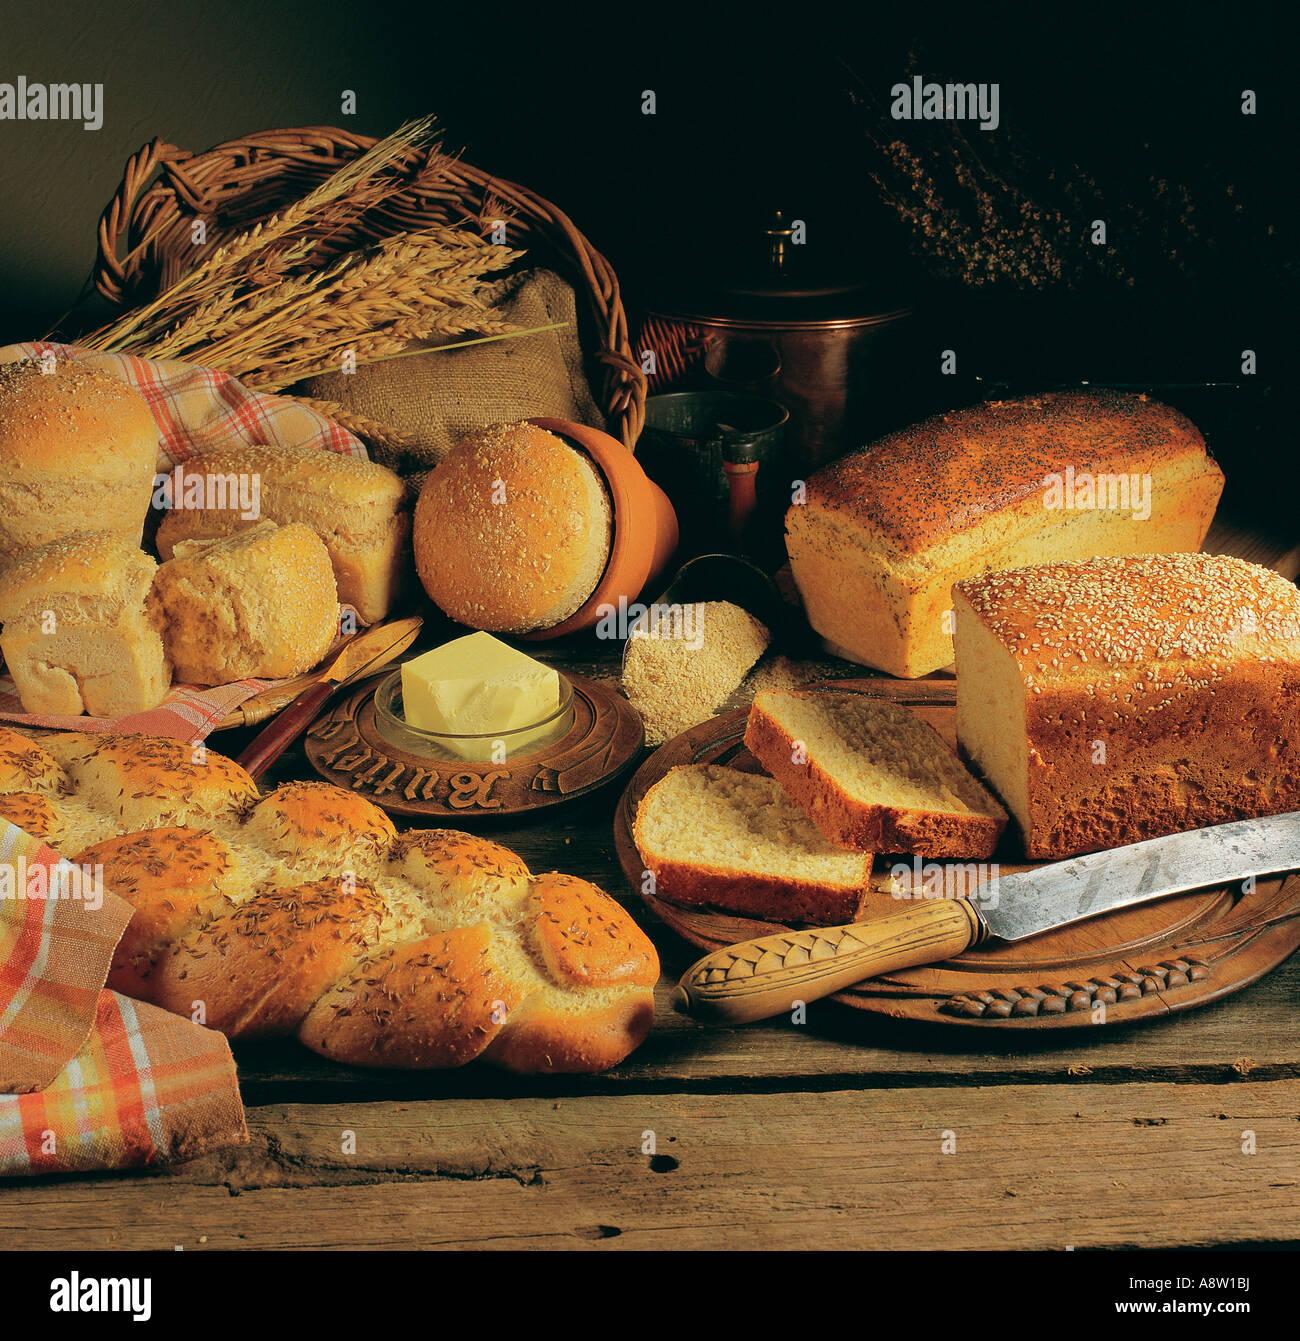 L'alimentation à l'intérieur de la vie toujours pays pains sélection. Photo Stock